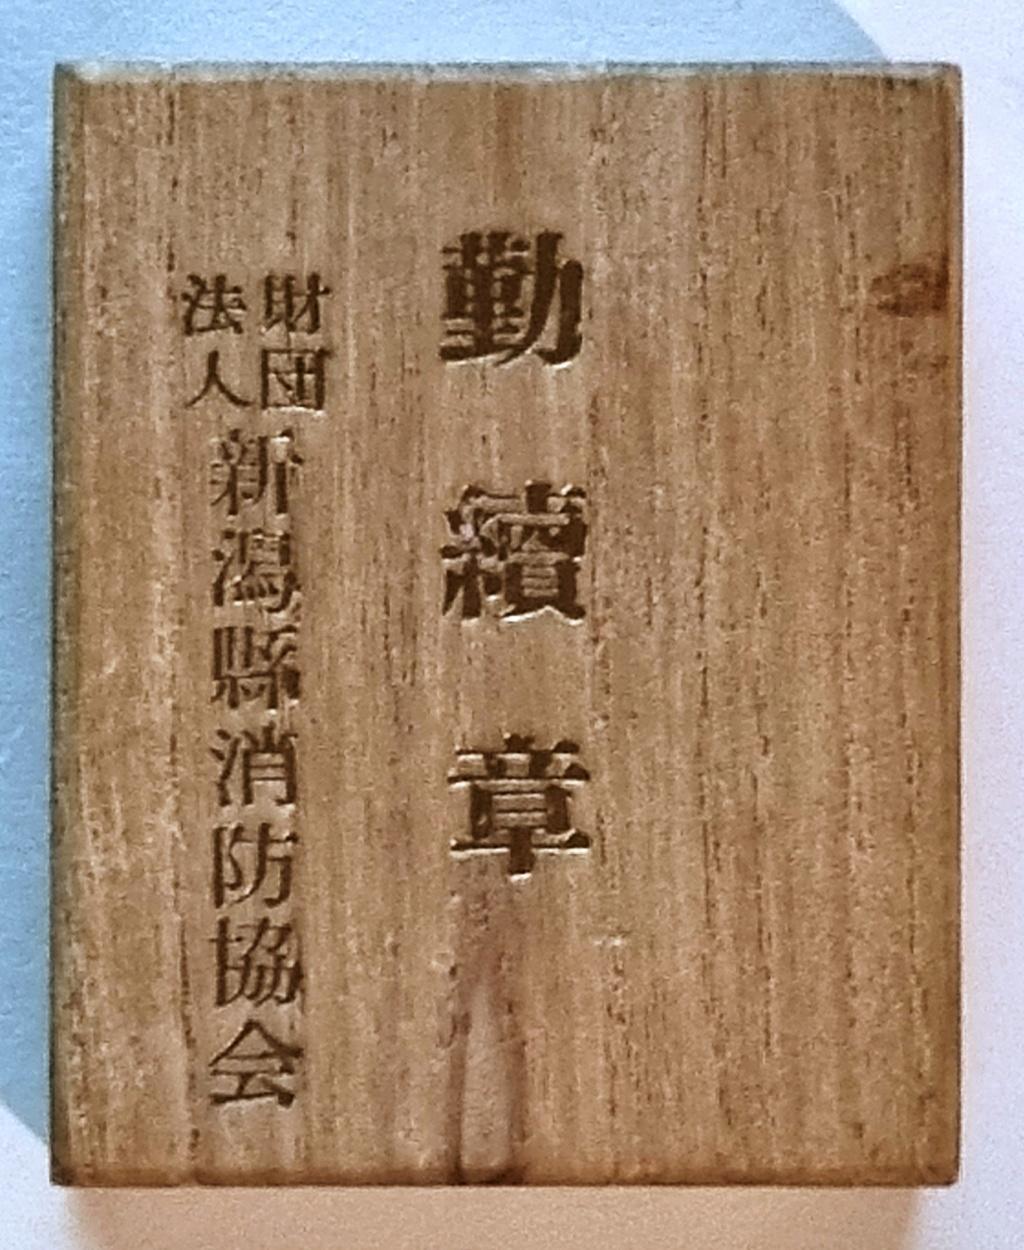 Besoin de vos connaissances pour cet insigne japonais 20210729